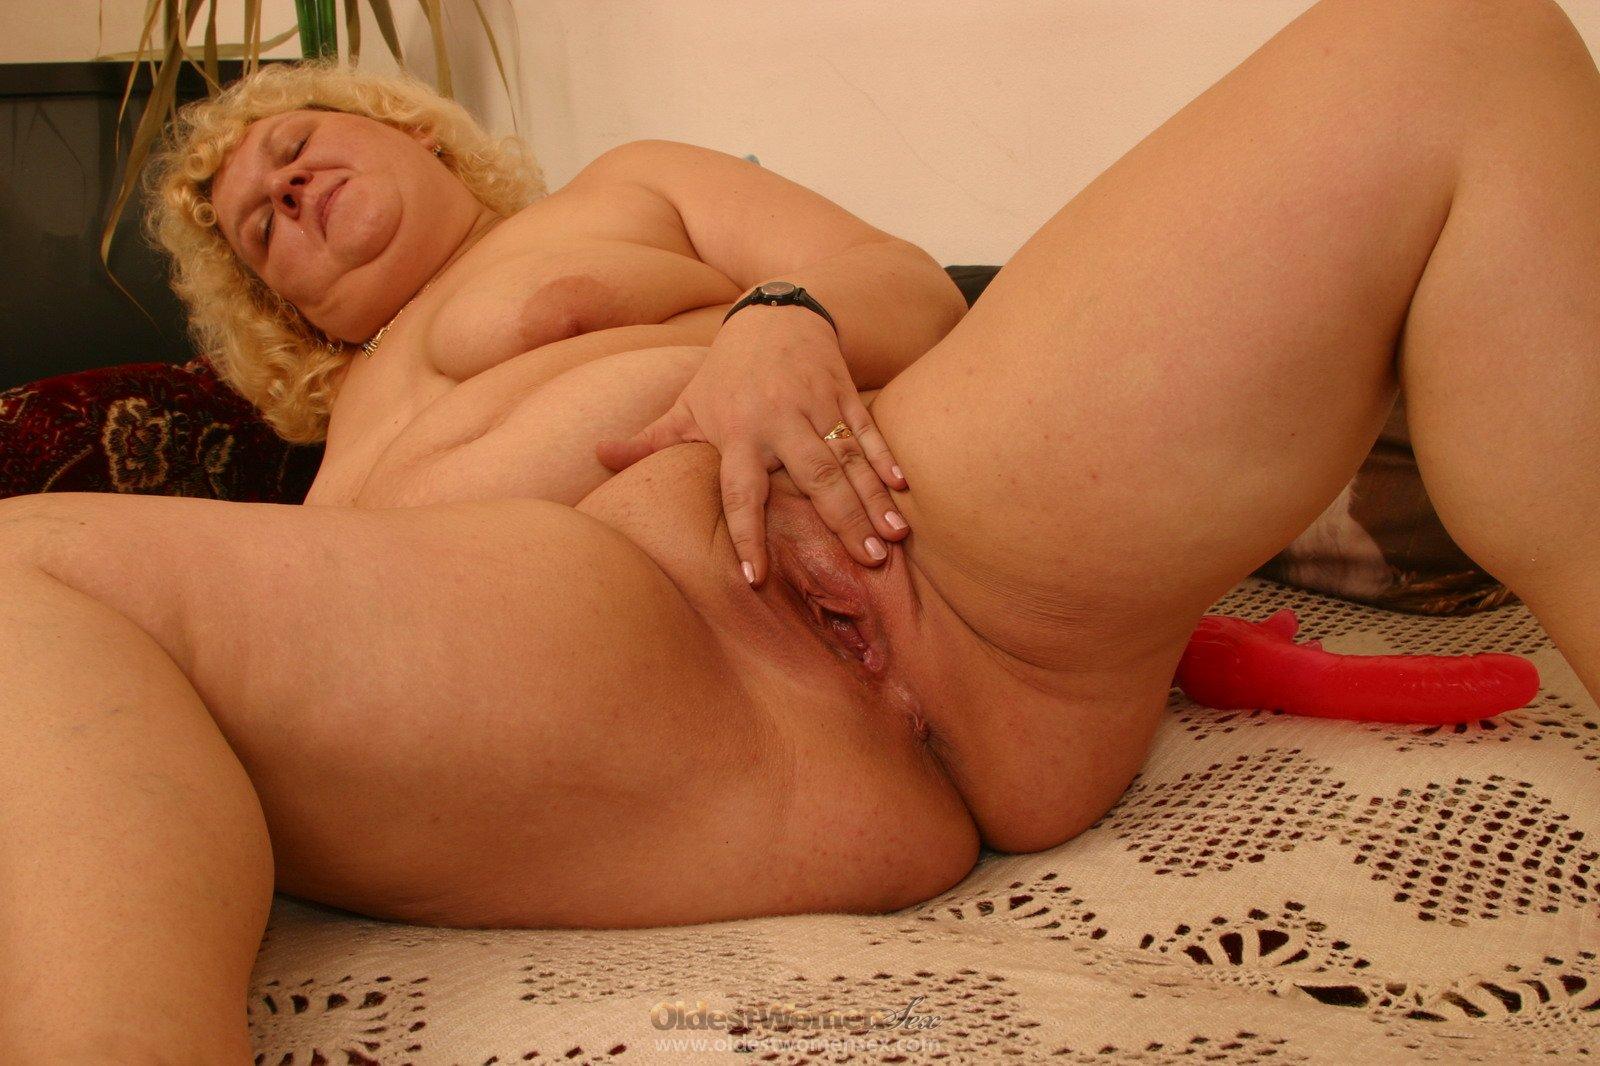 Толстые и зрелые в сексе, Порно толстые, порно видео толстых женщин, смотреть 12 фотография